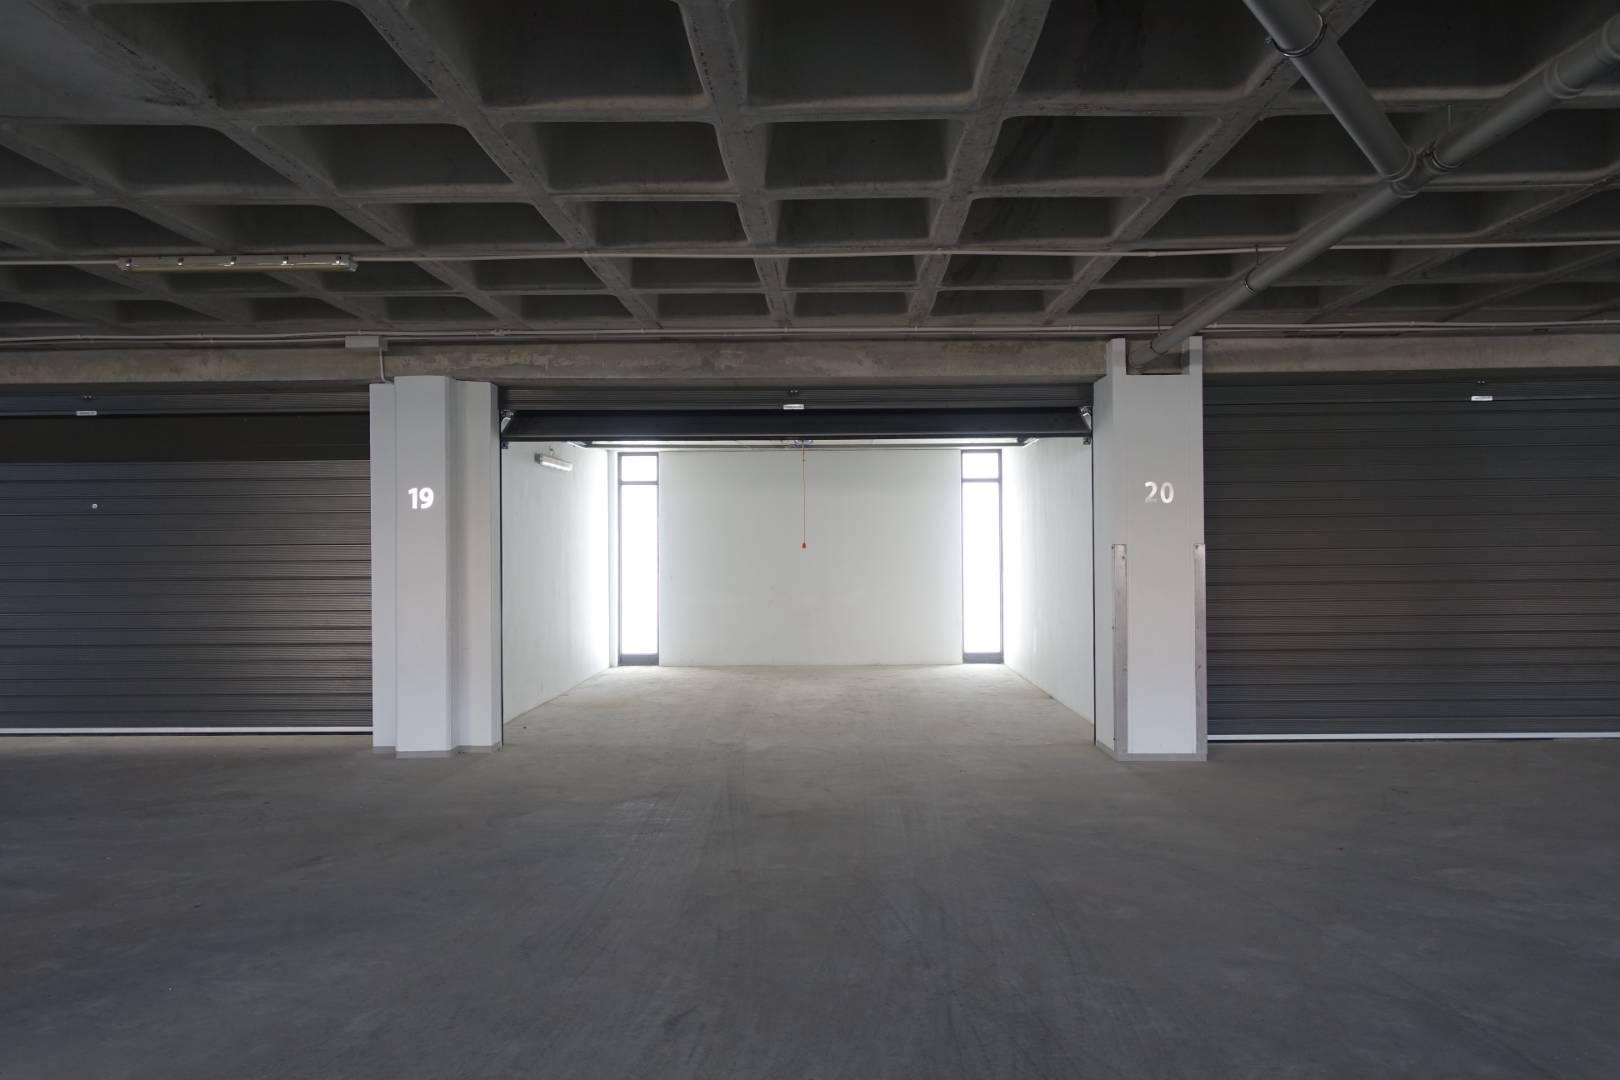 Garage storage on first floor